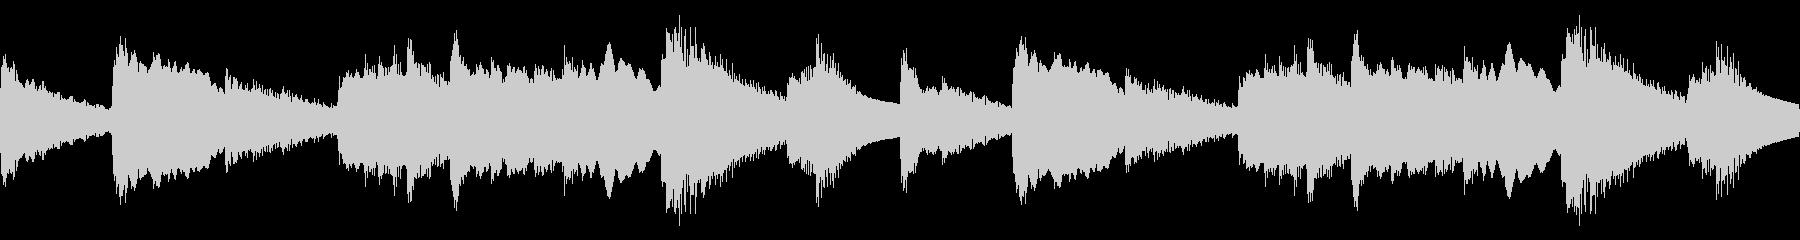 しっとりした雰囲気 (ループ仕様)の未再生の波形